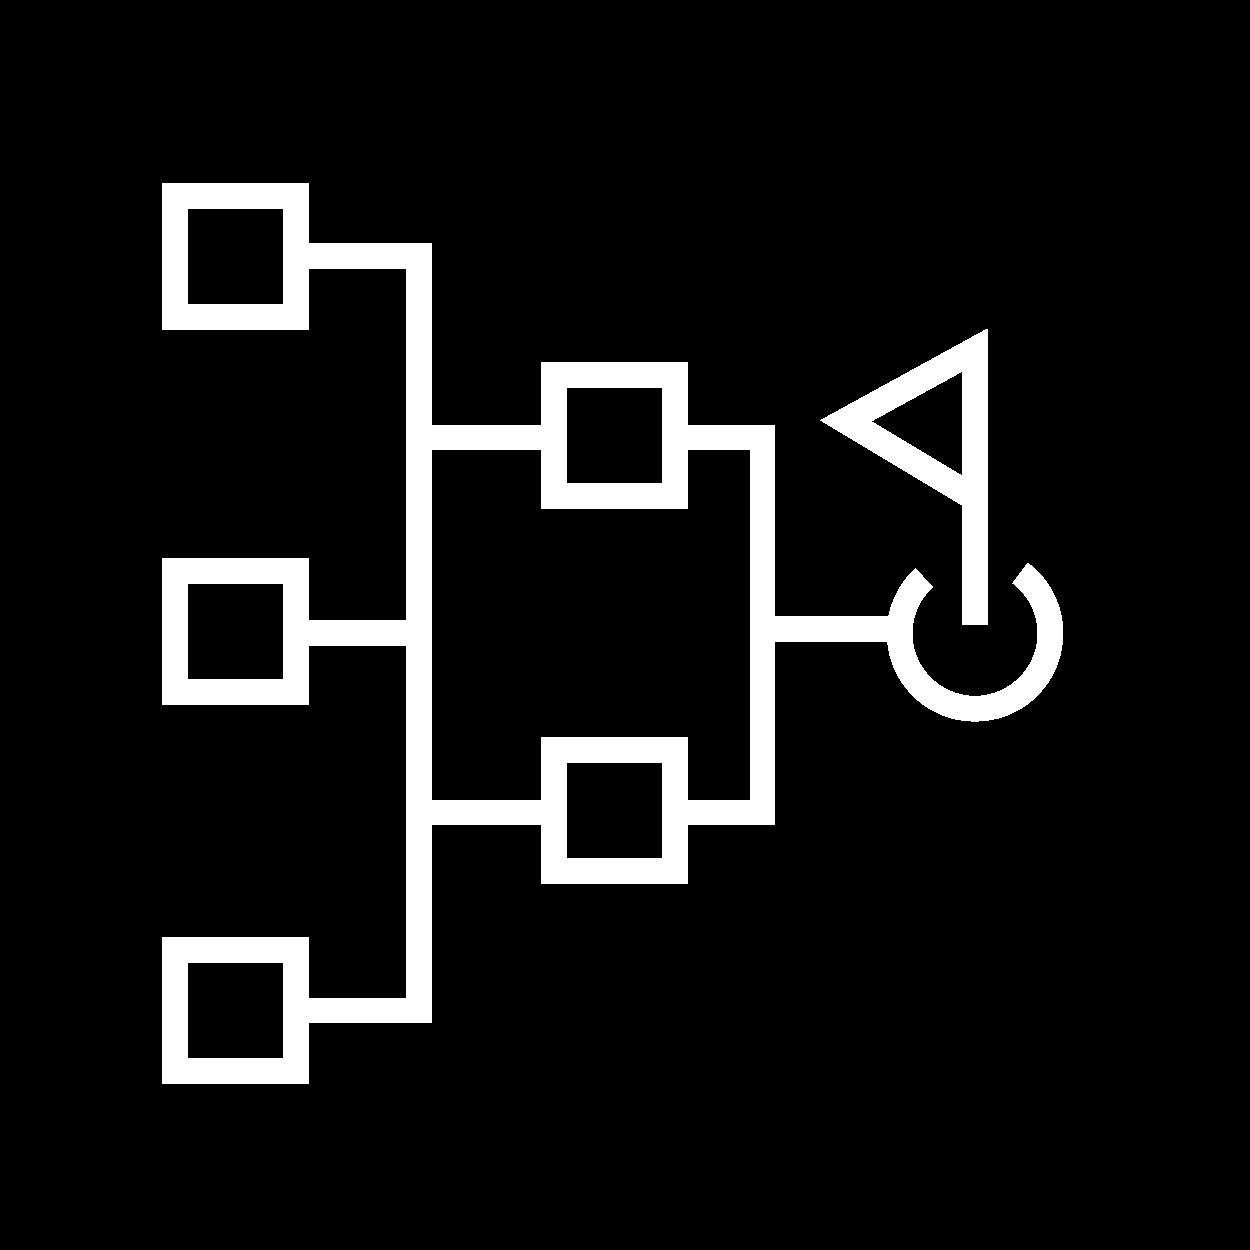 icone interligação